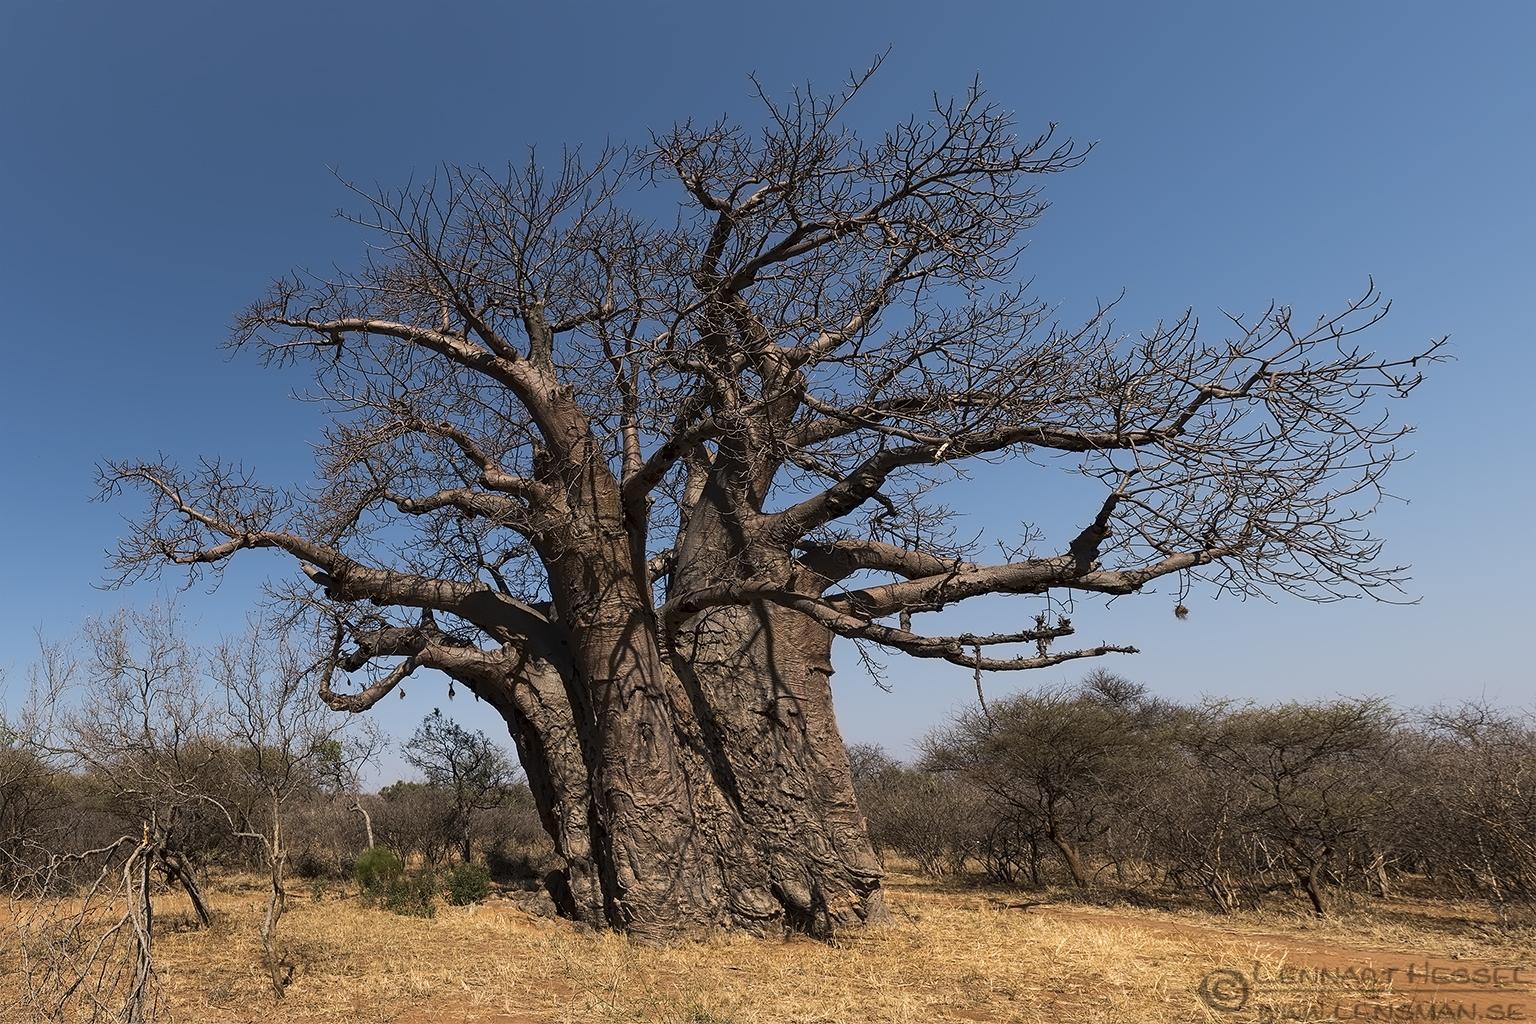 Big tree Baobab Blouberg South Africa